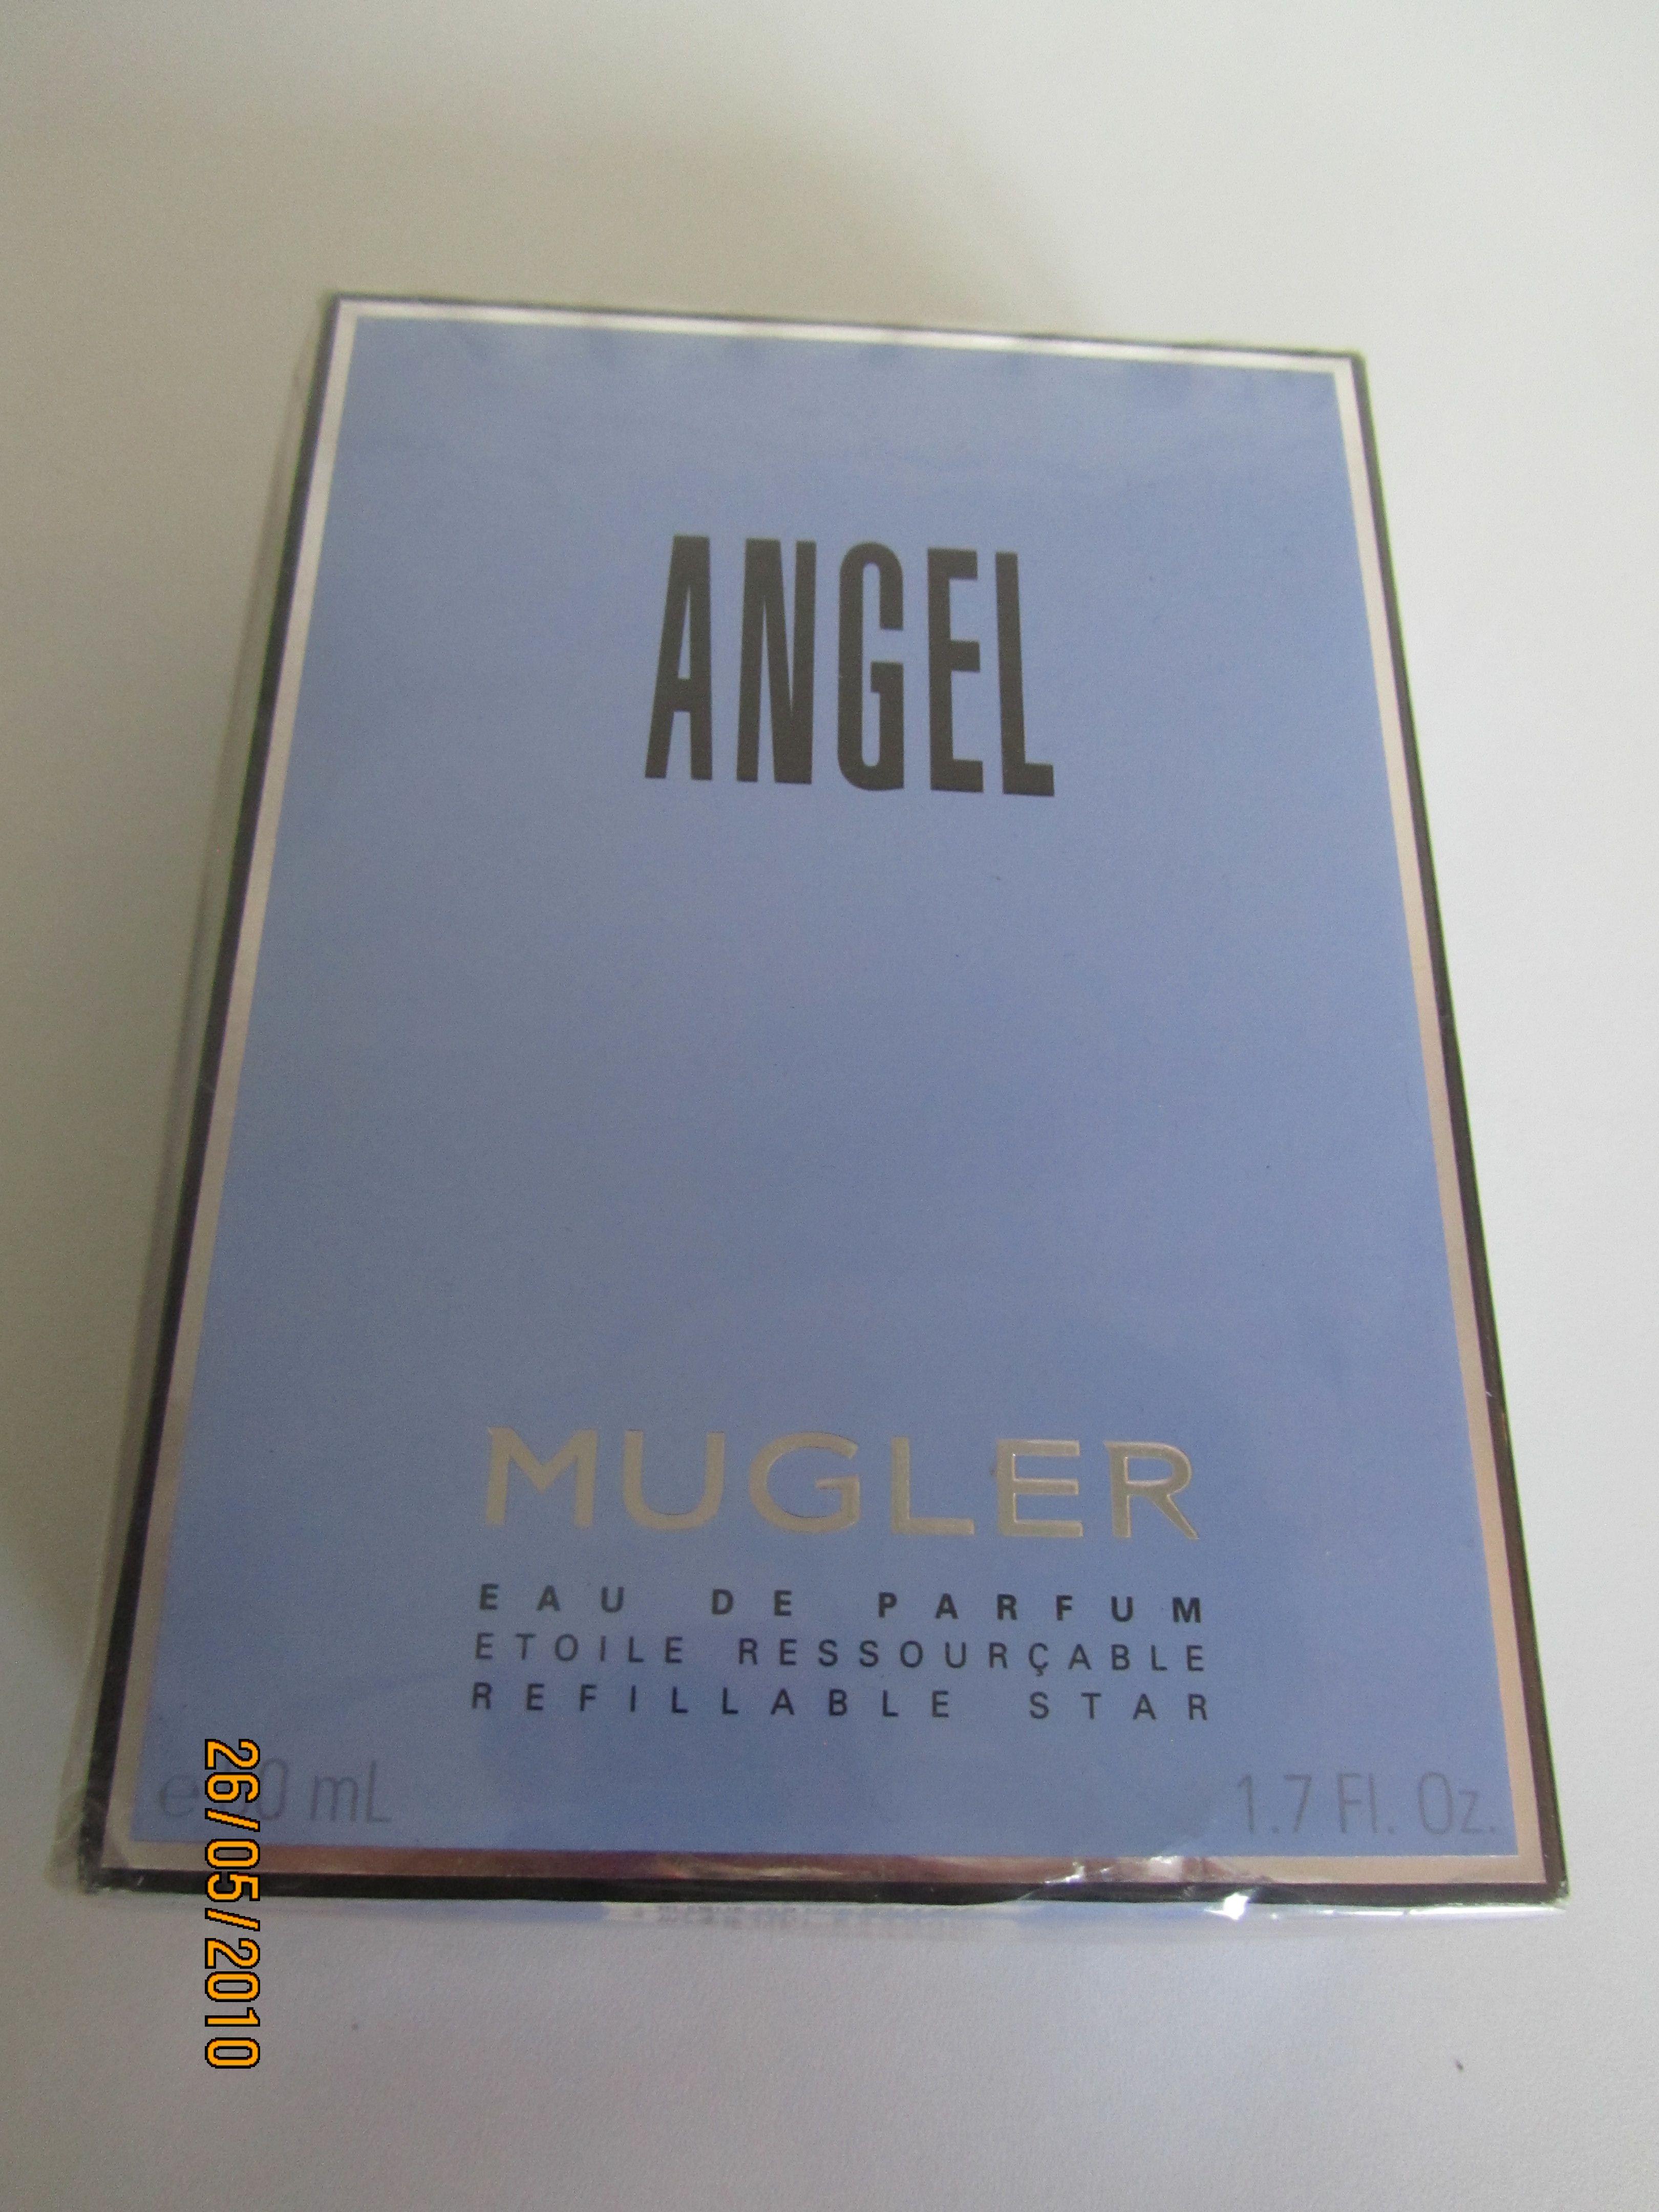 Angel Thierry Mugler Eau de parfum 50ml